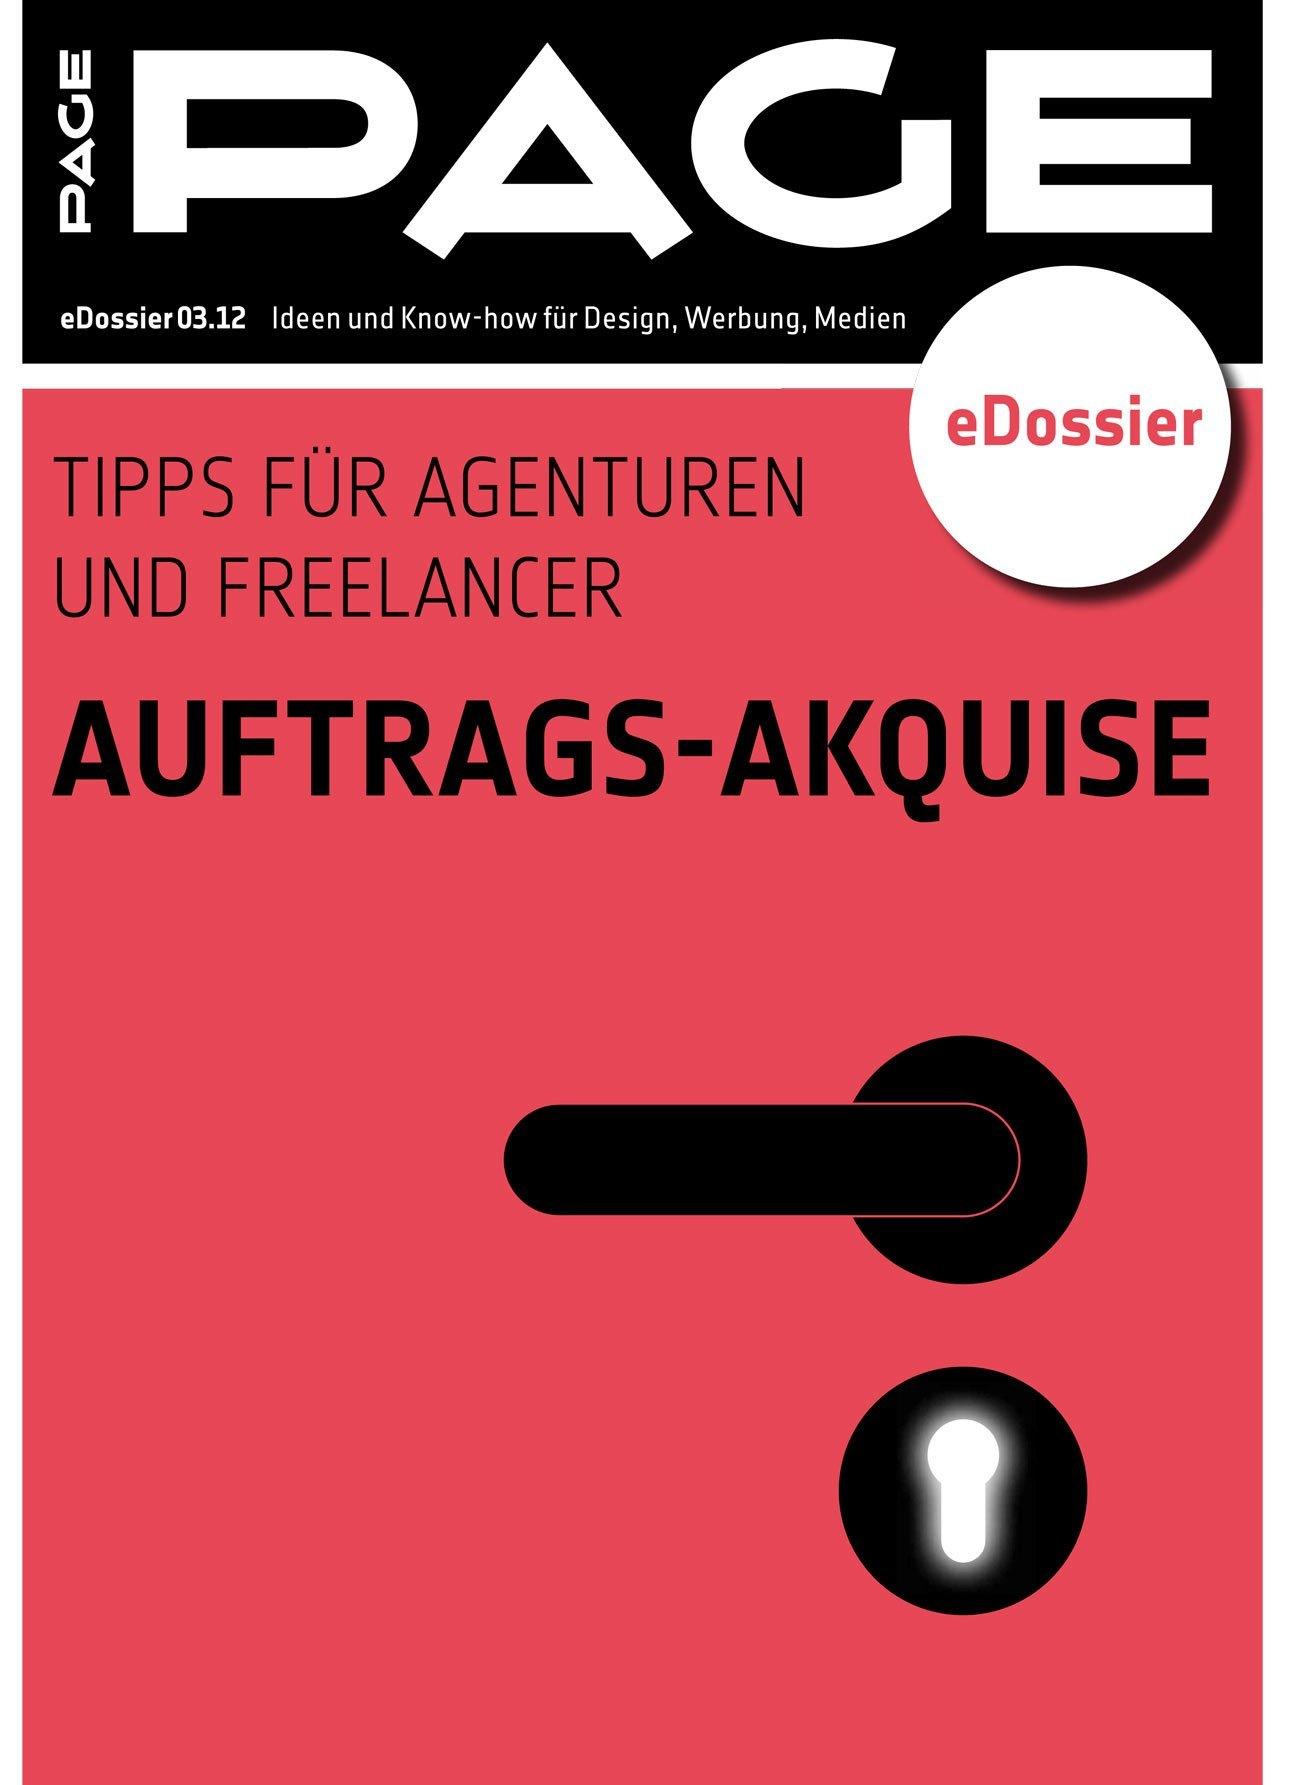 eDossier_Auftragsakquise_ohneKoppel-1